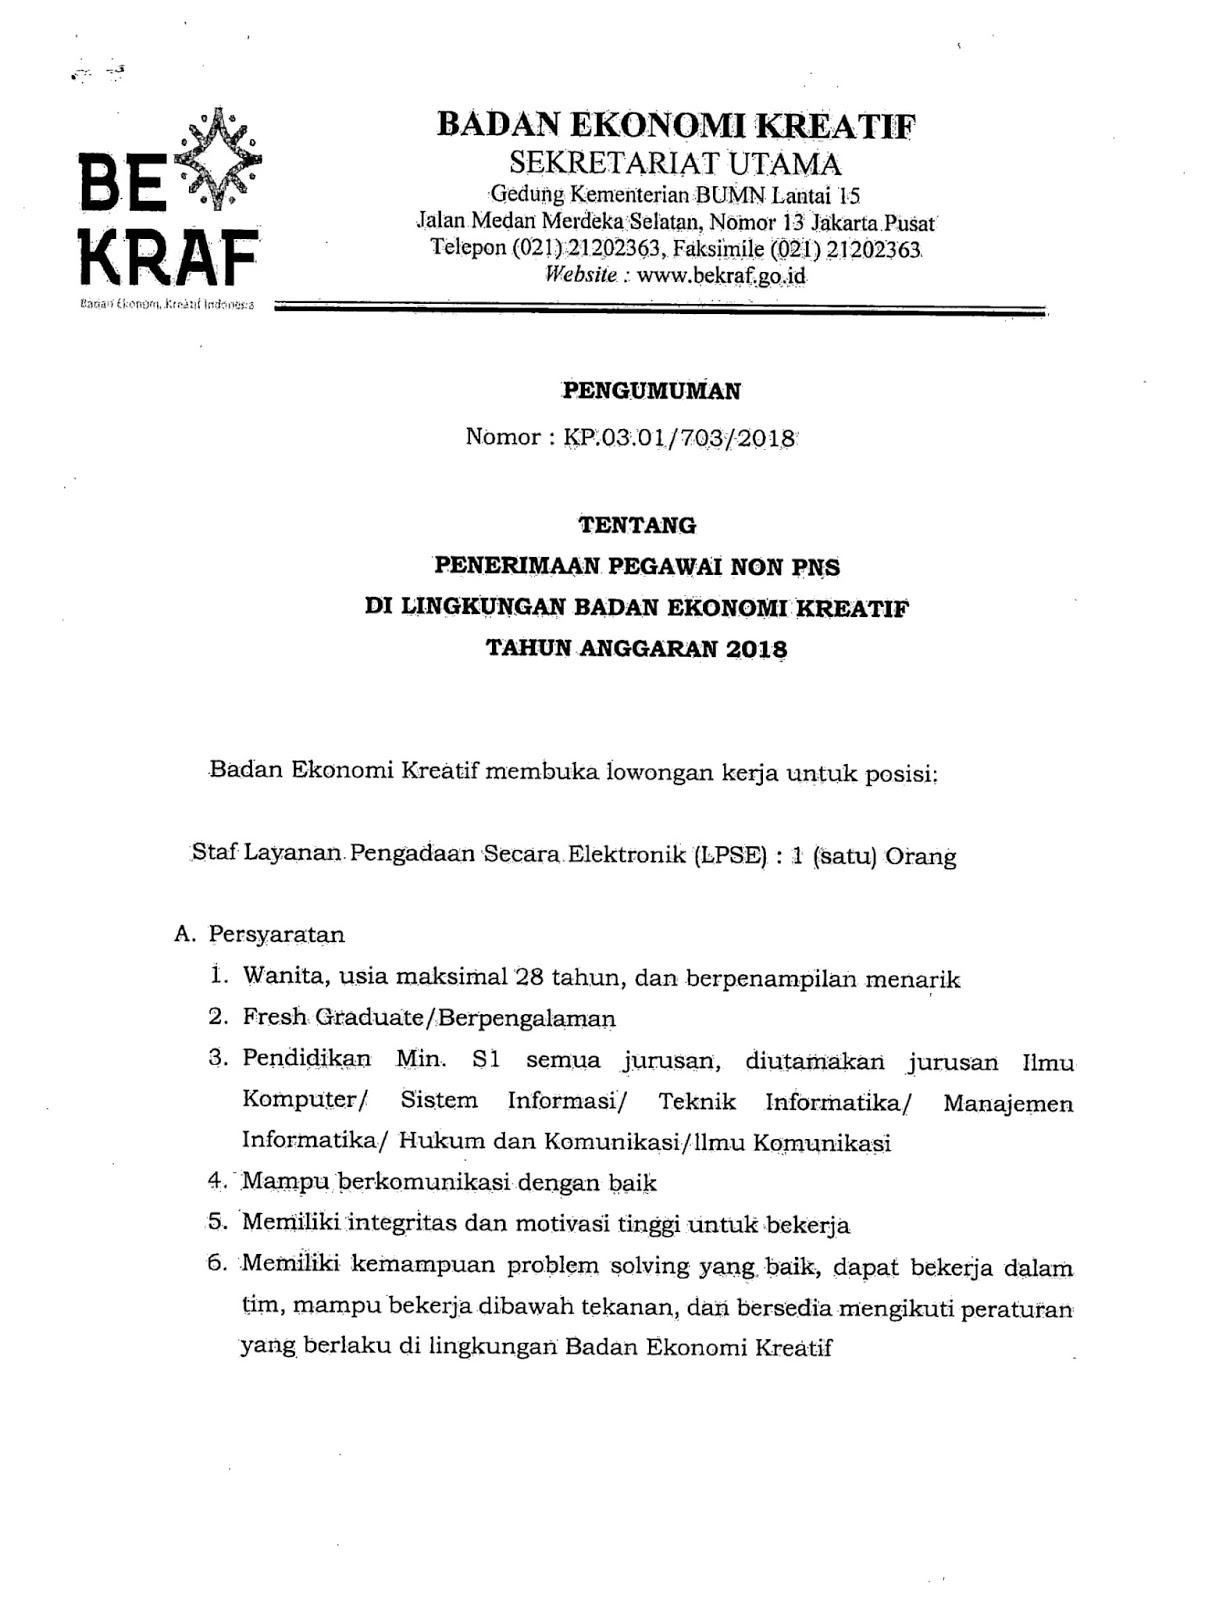 Lowongan Kerja   Non PNS Badan ekonomi kreatif    Oktober 2018